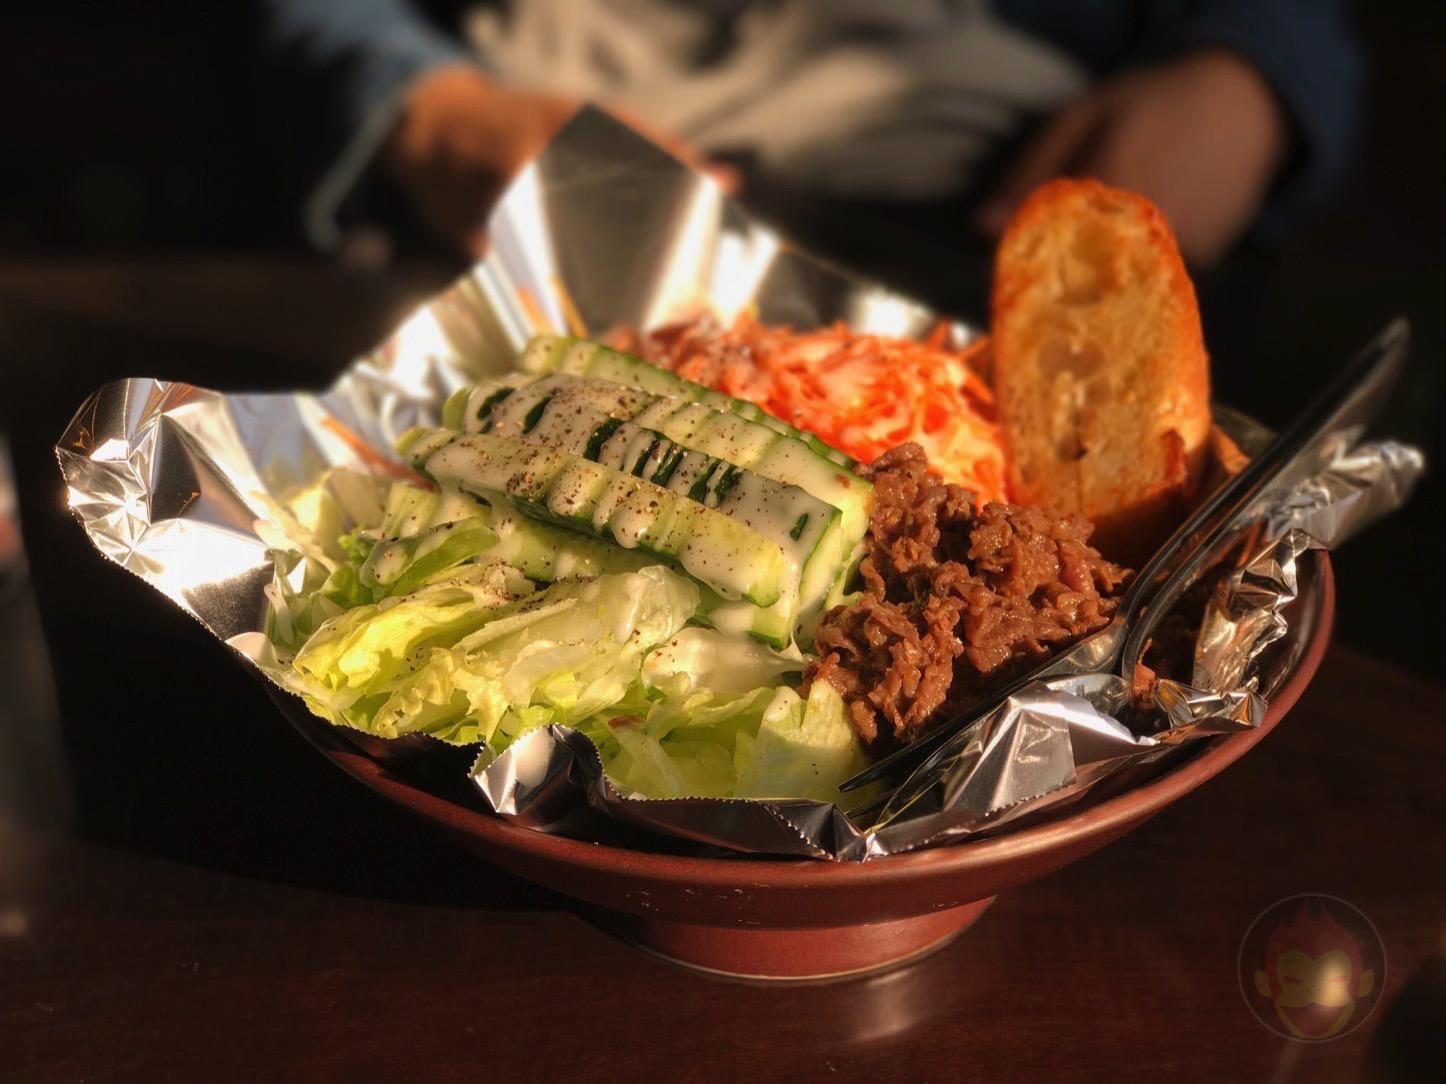 Sangosho-Moanamakai-Curry-03.jpg